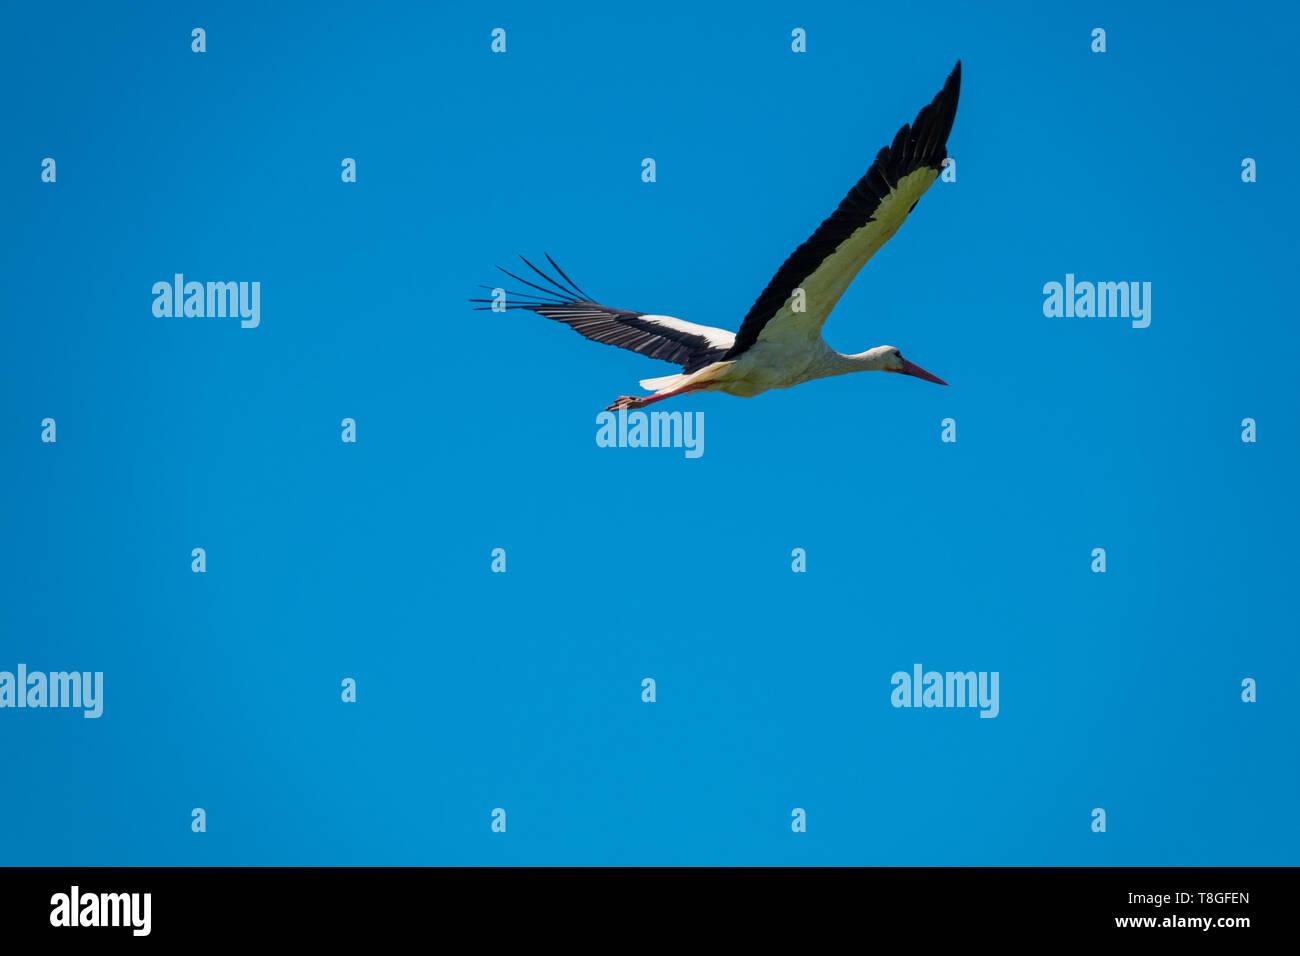 Ein Storch fliegt bei schönem Wetter im blauen Himmel Stockfoto